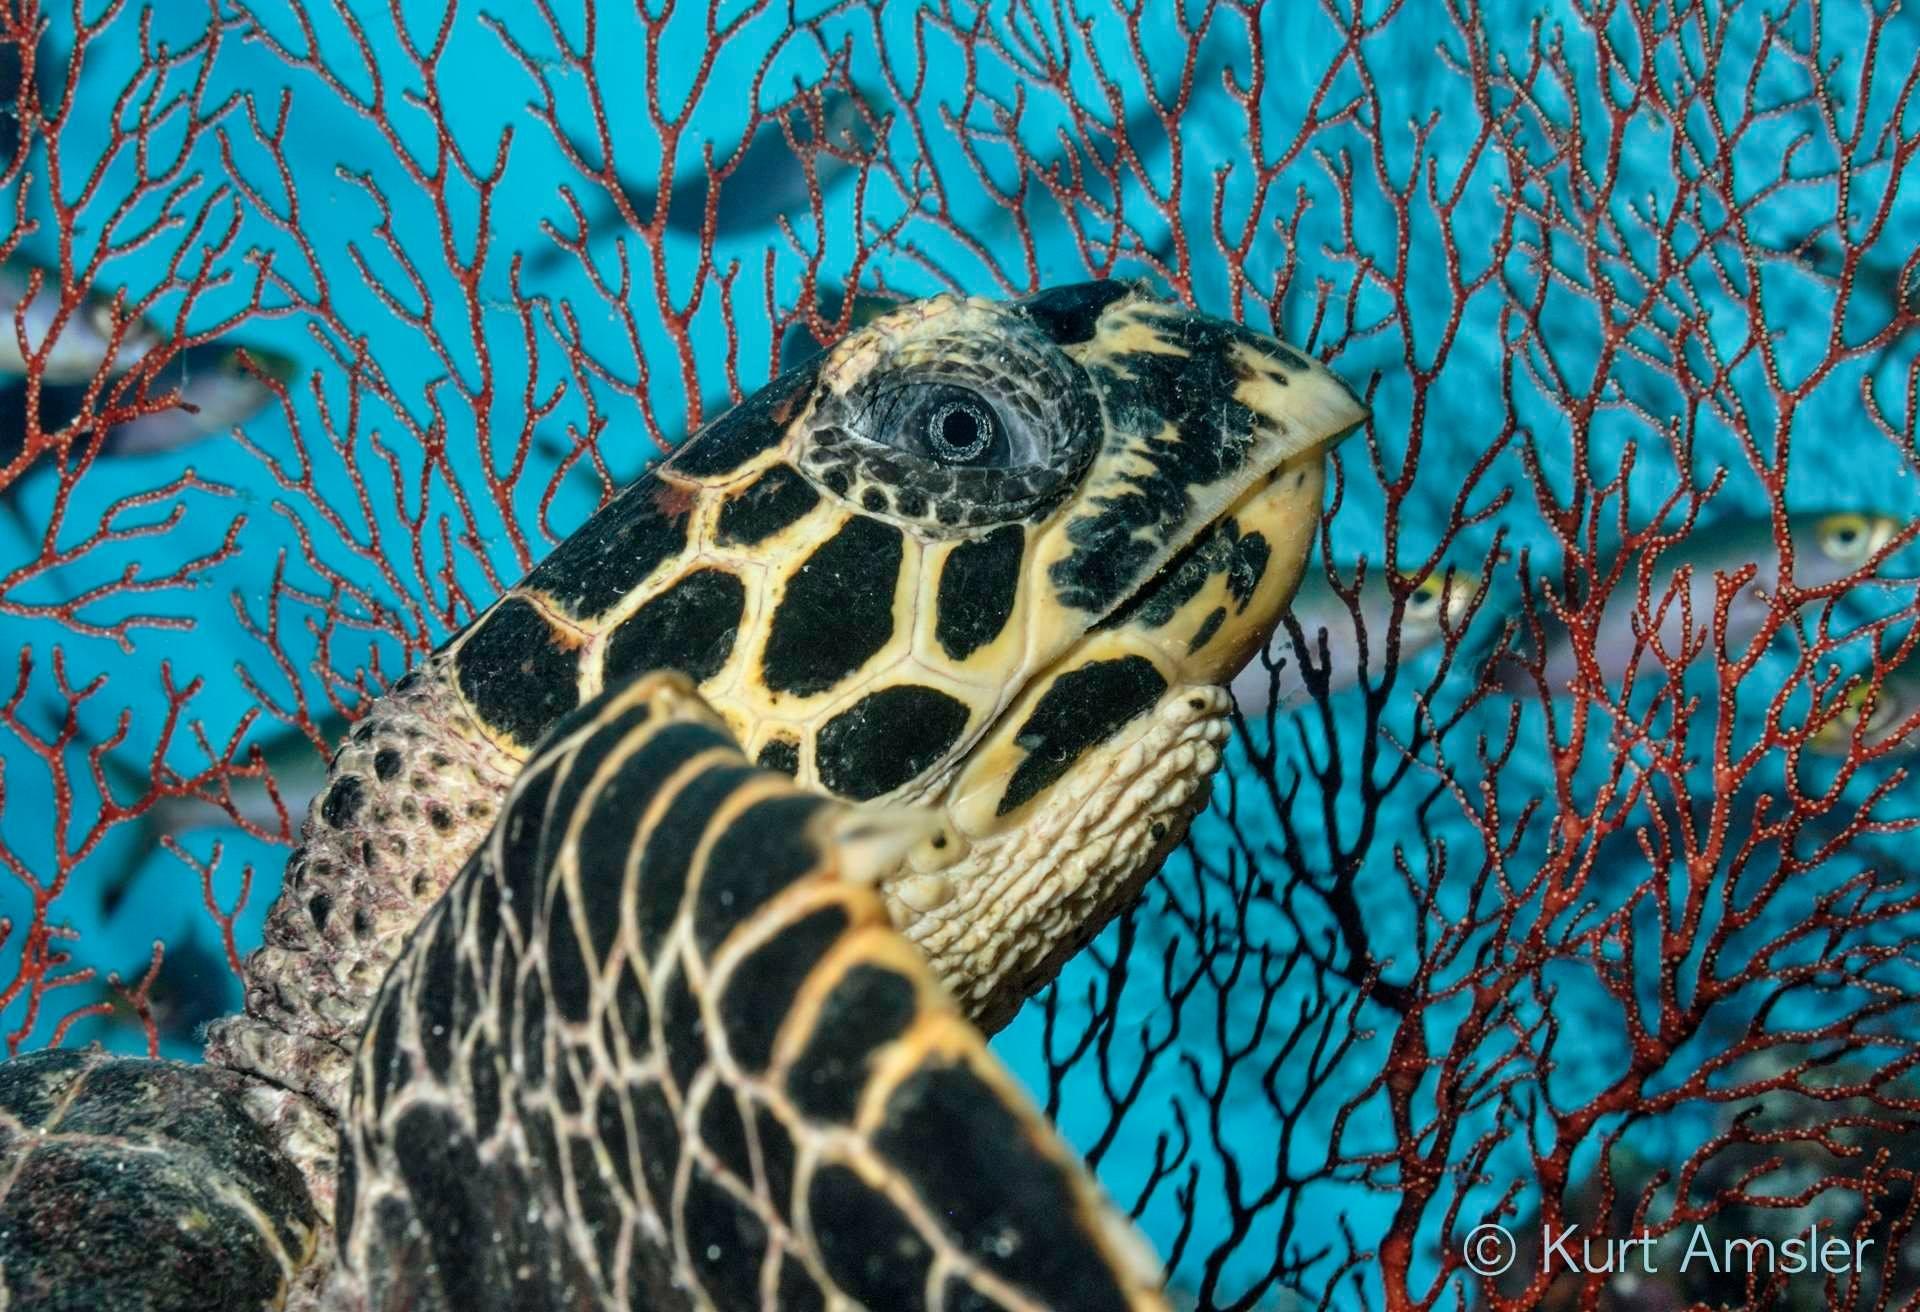 Hawksbill turtle portrait by Kurt Amsler